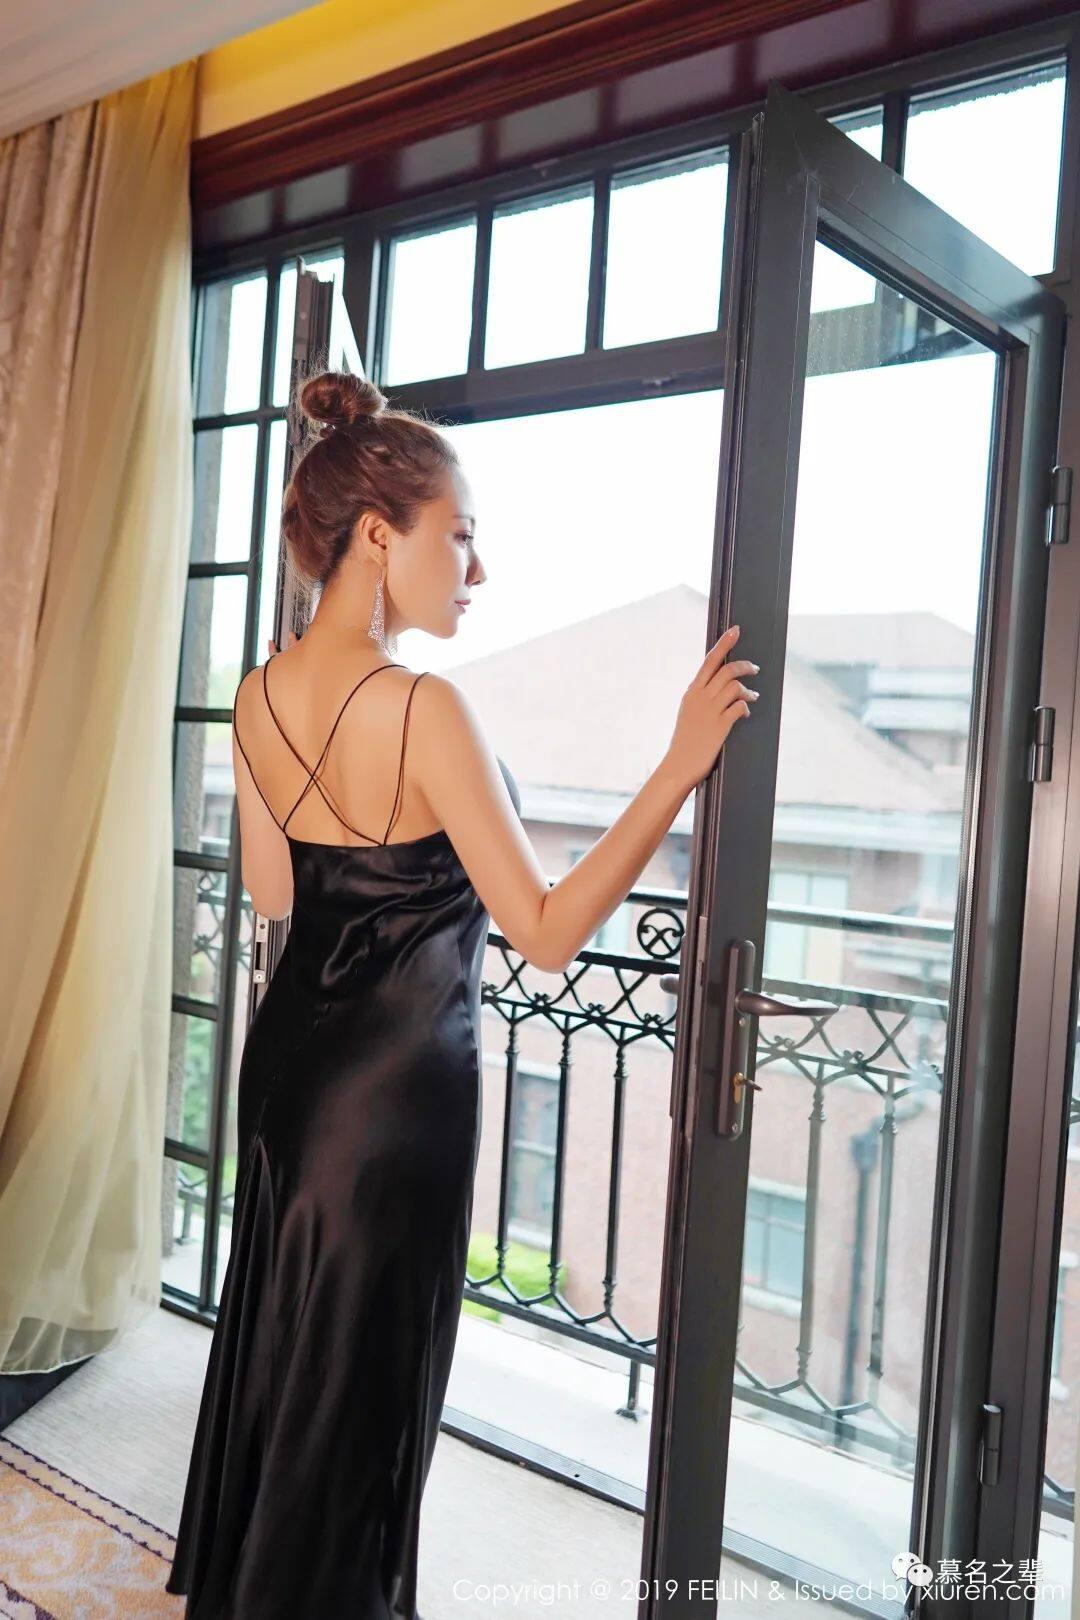 私房模特写真——松果儿Victoria(F罩杯)3